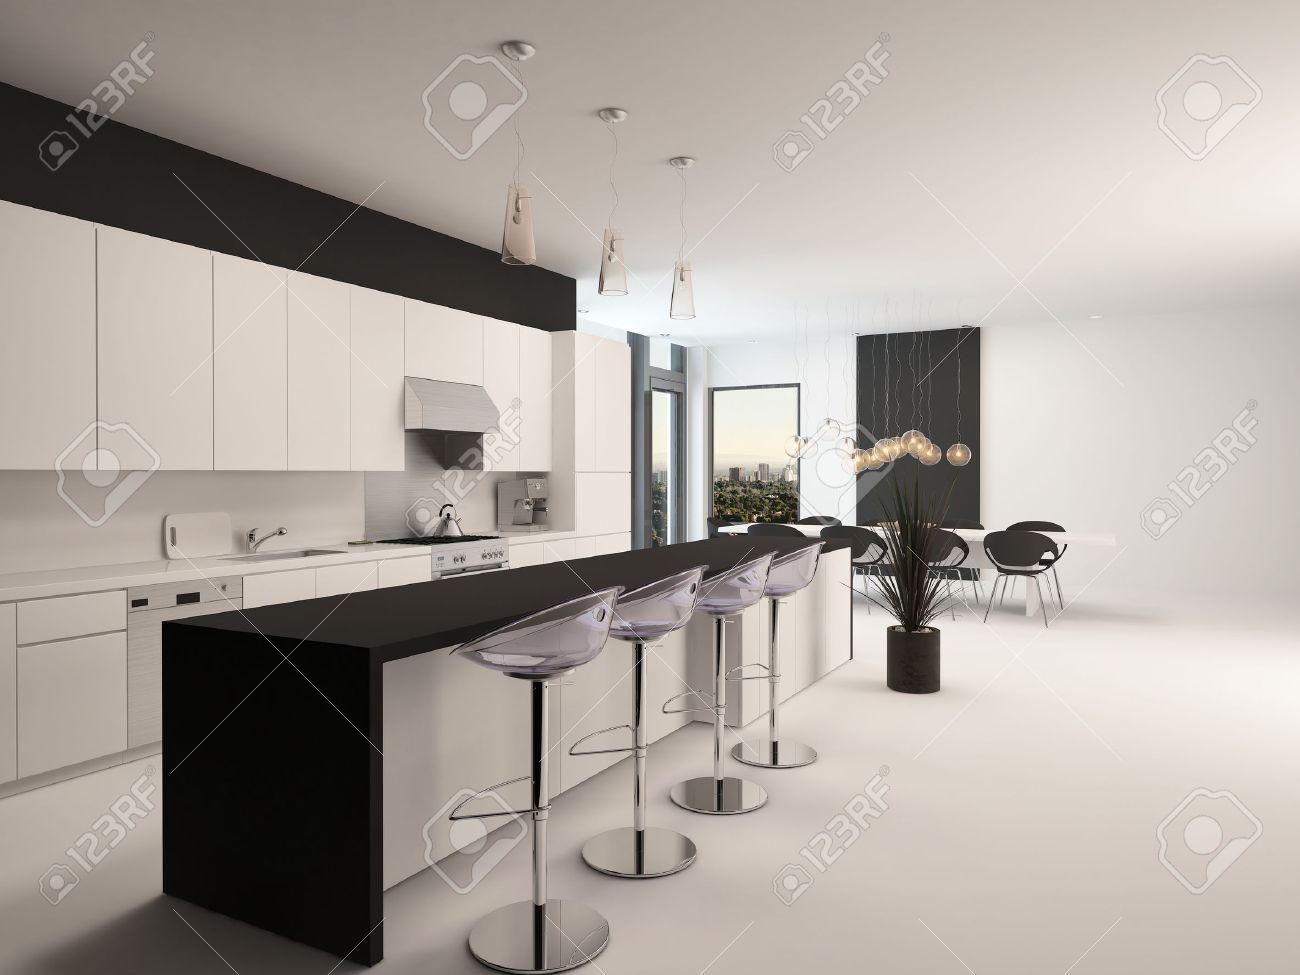 Moderne Schwarze Und Weiße Küche Mit Einem Langen Rückzugs Theke Mit ...